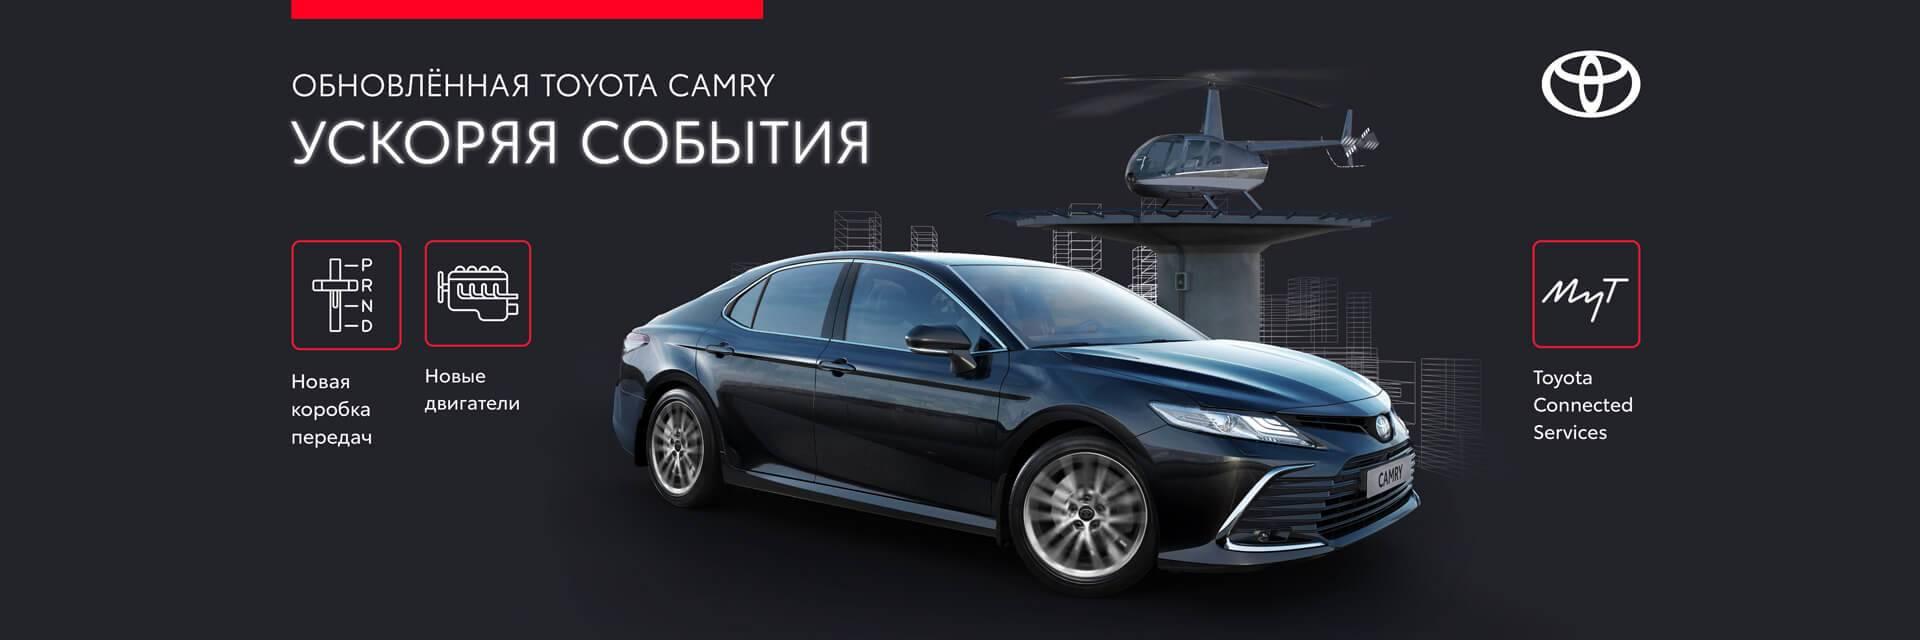 ПРЕЗЕНТАЦИЯ ОБНОВЛЕННОЙ TOYOTA CAMRY 2021